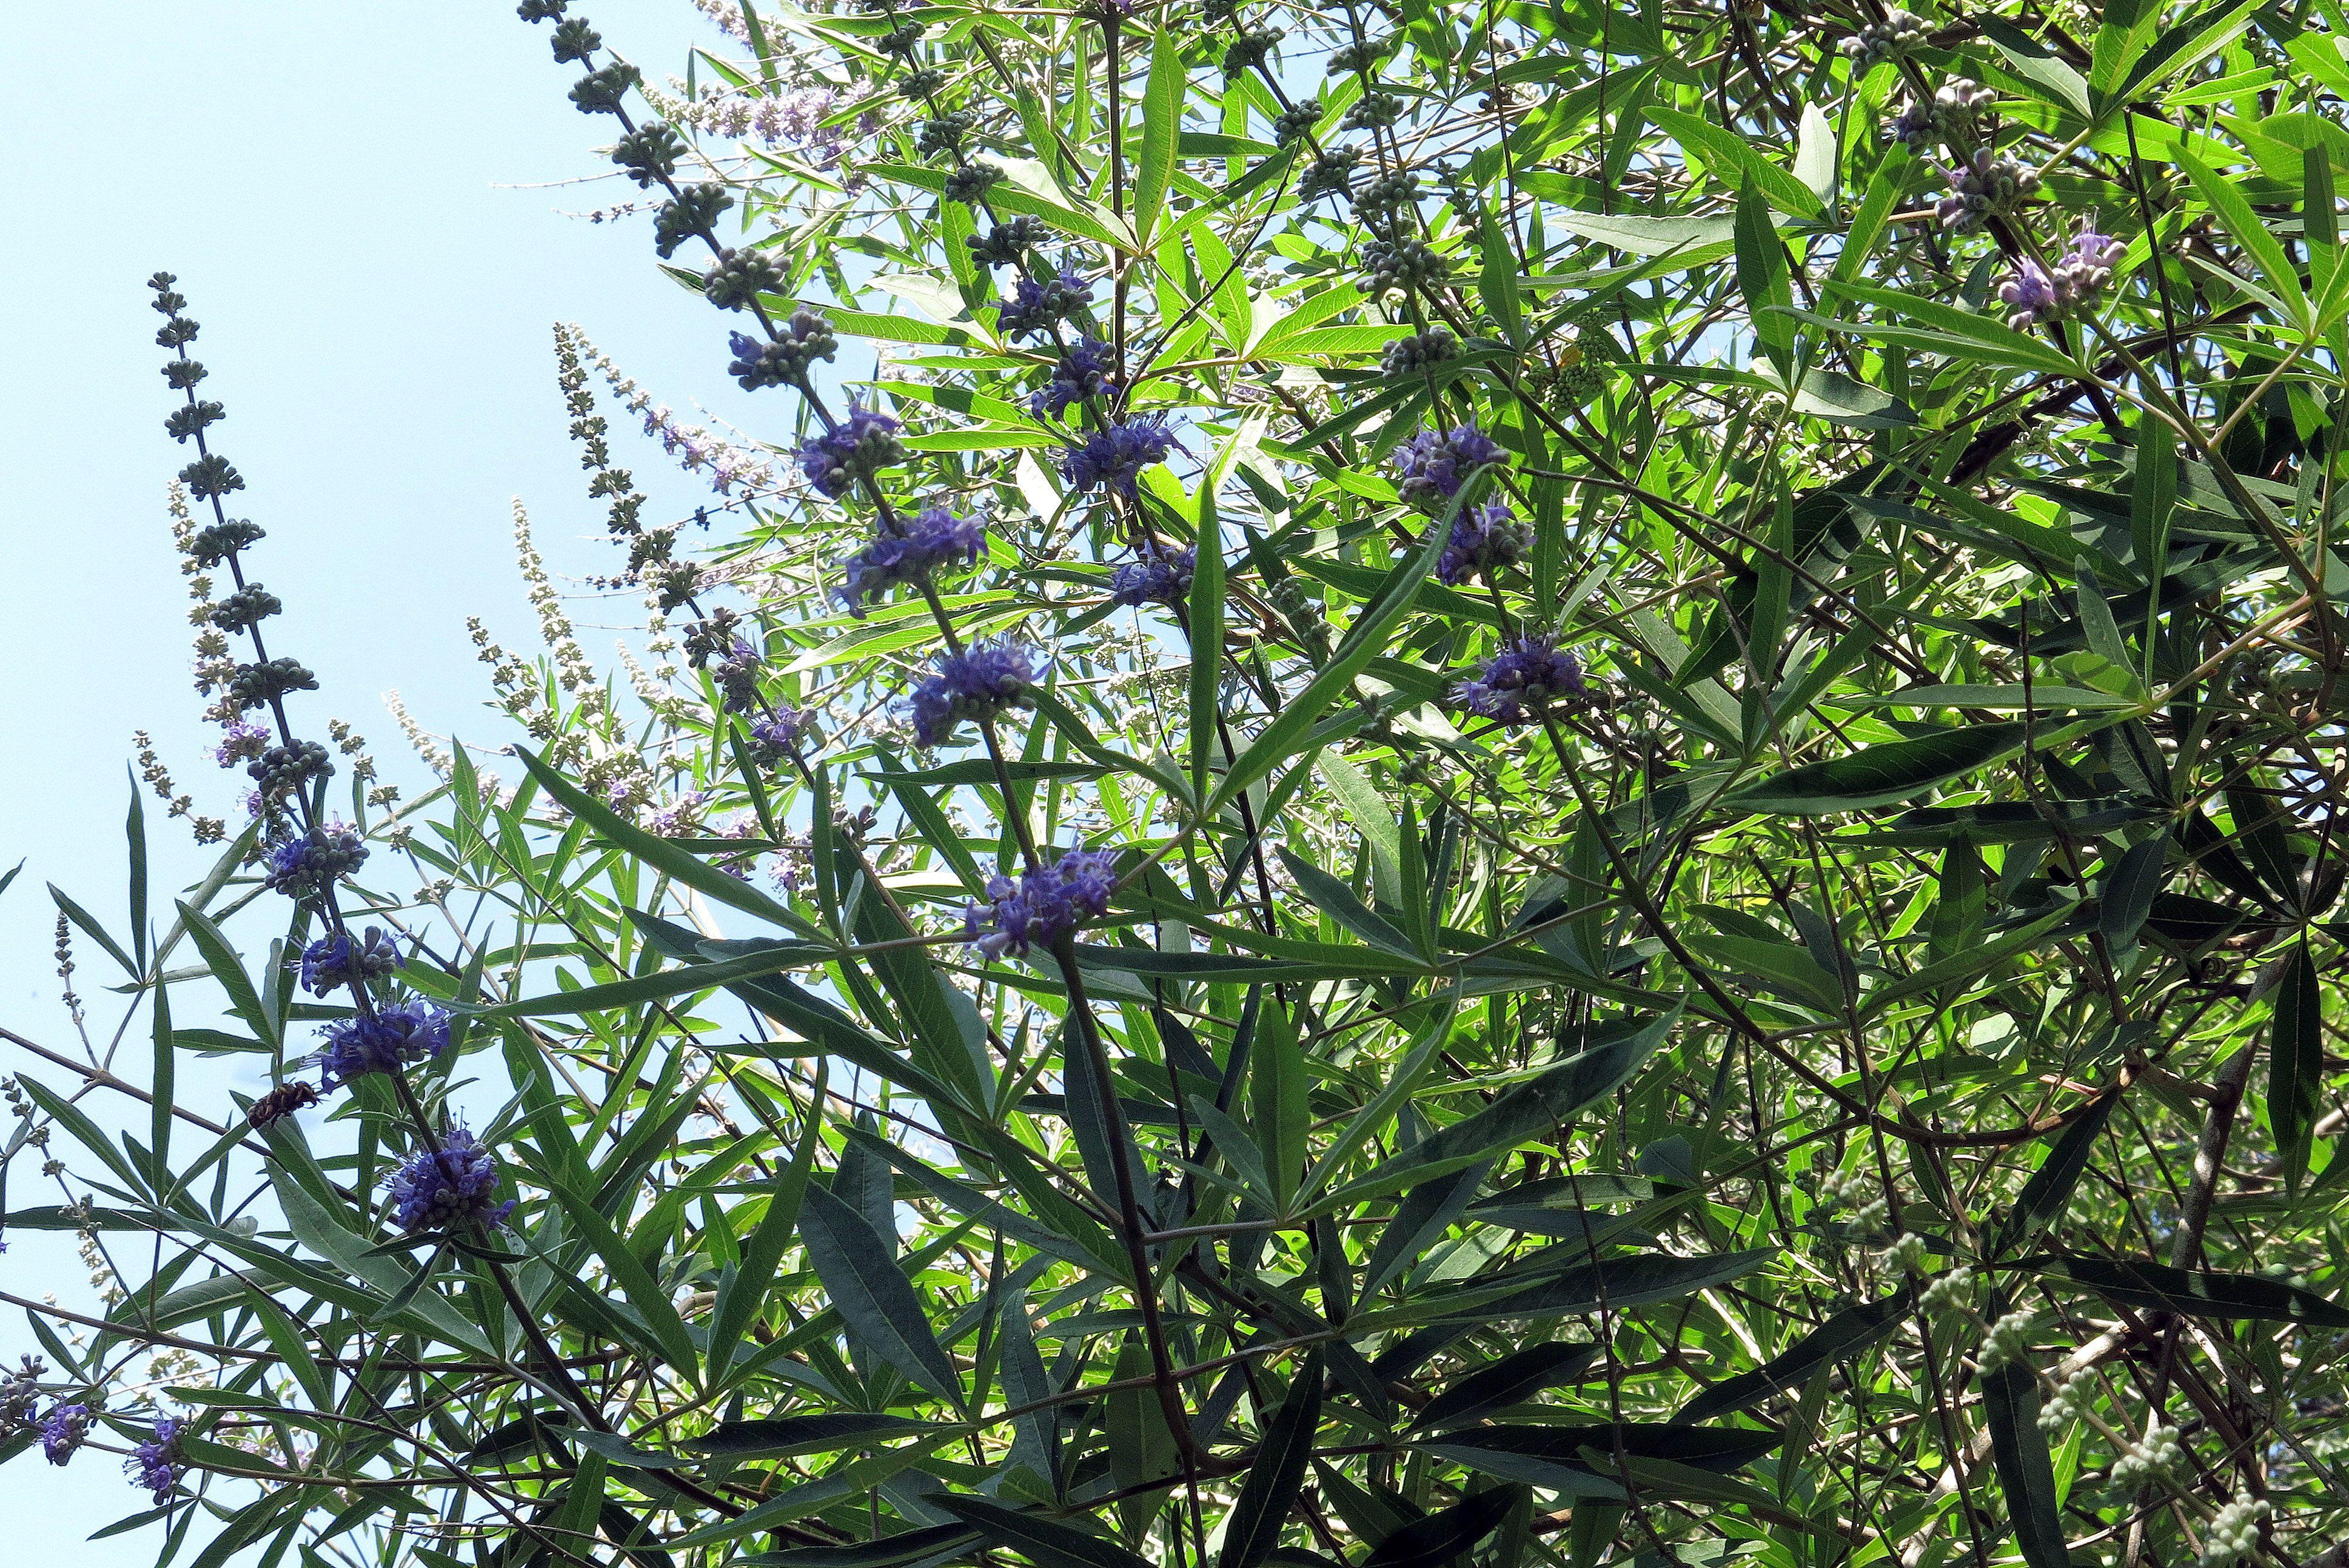 Chaste Tree (Vitex agnus-castus)